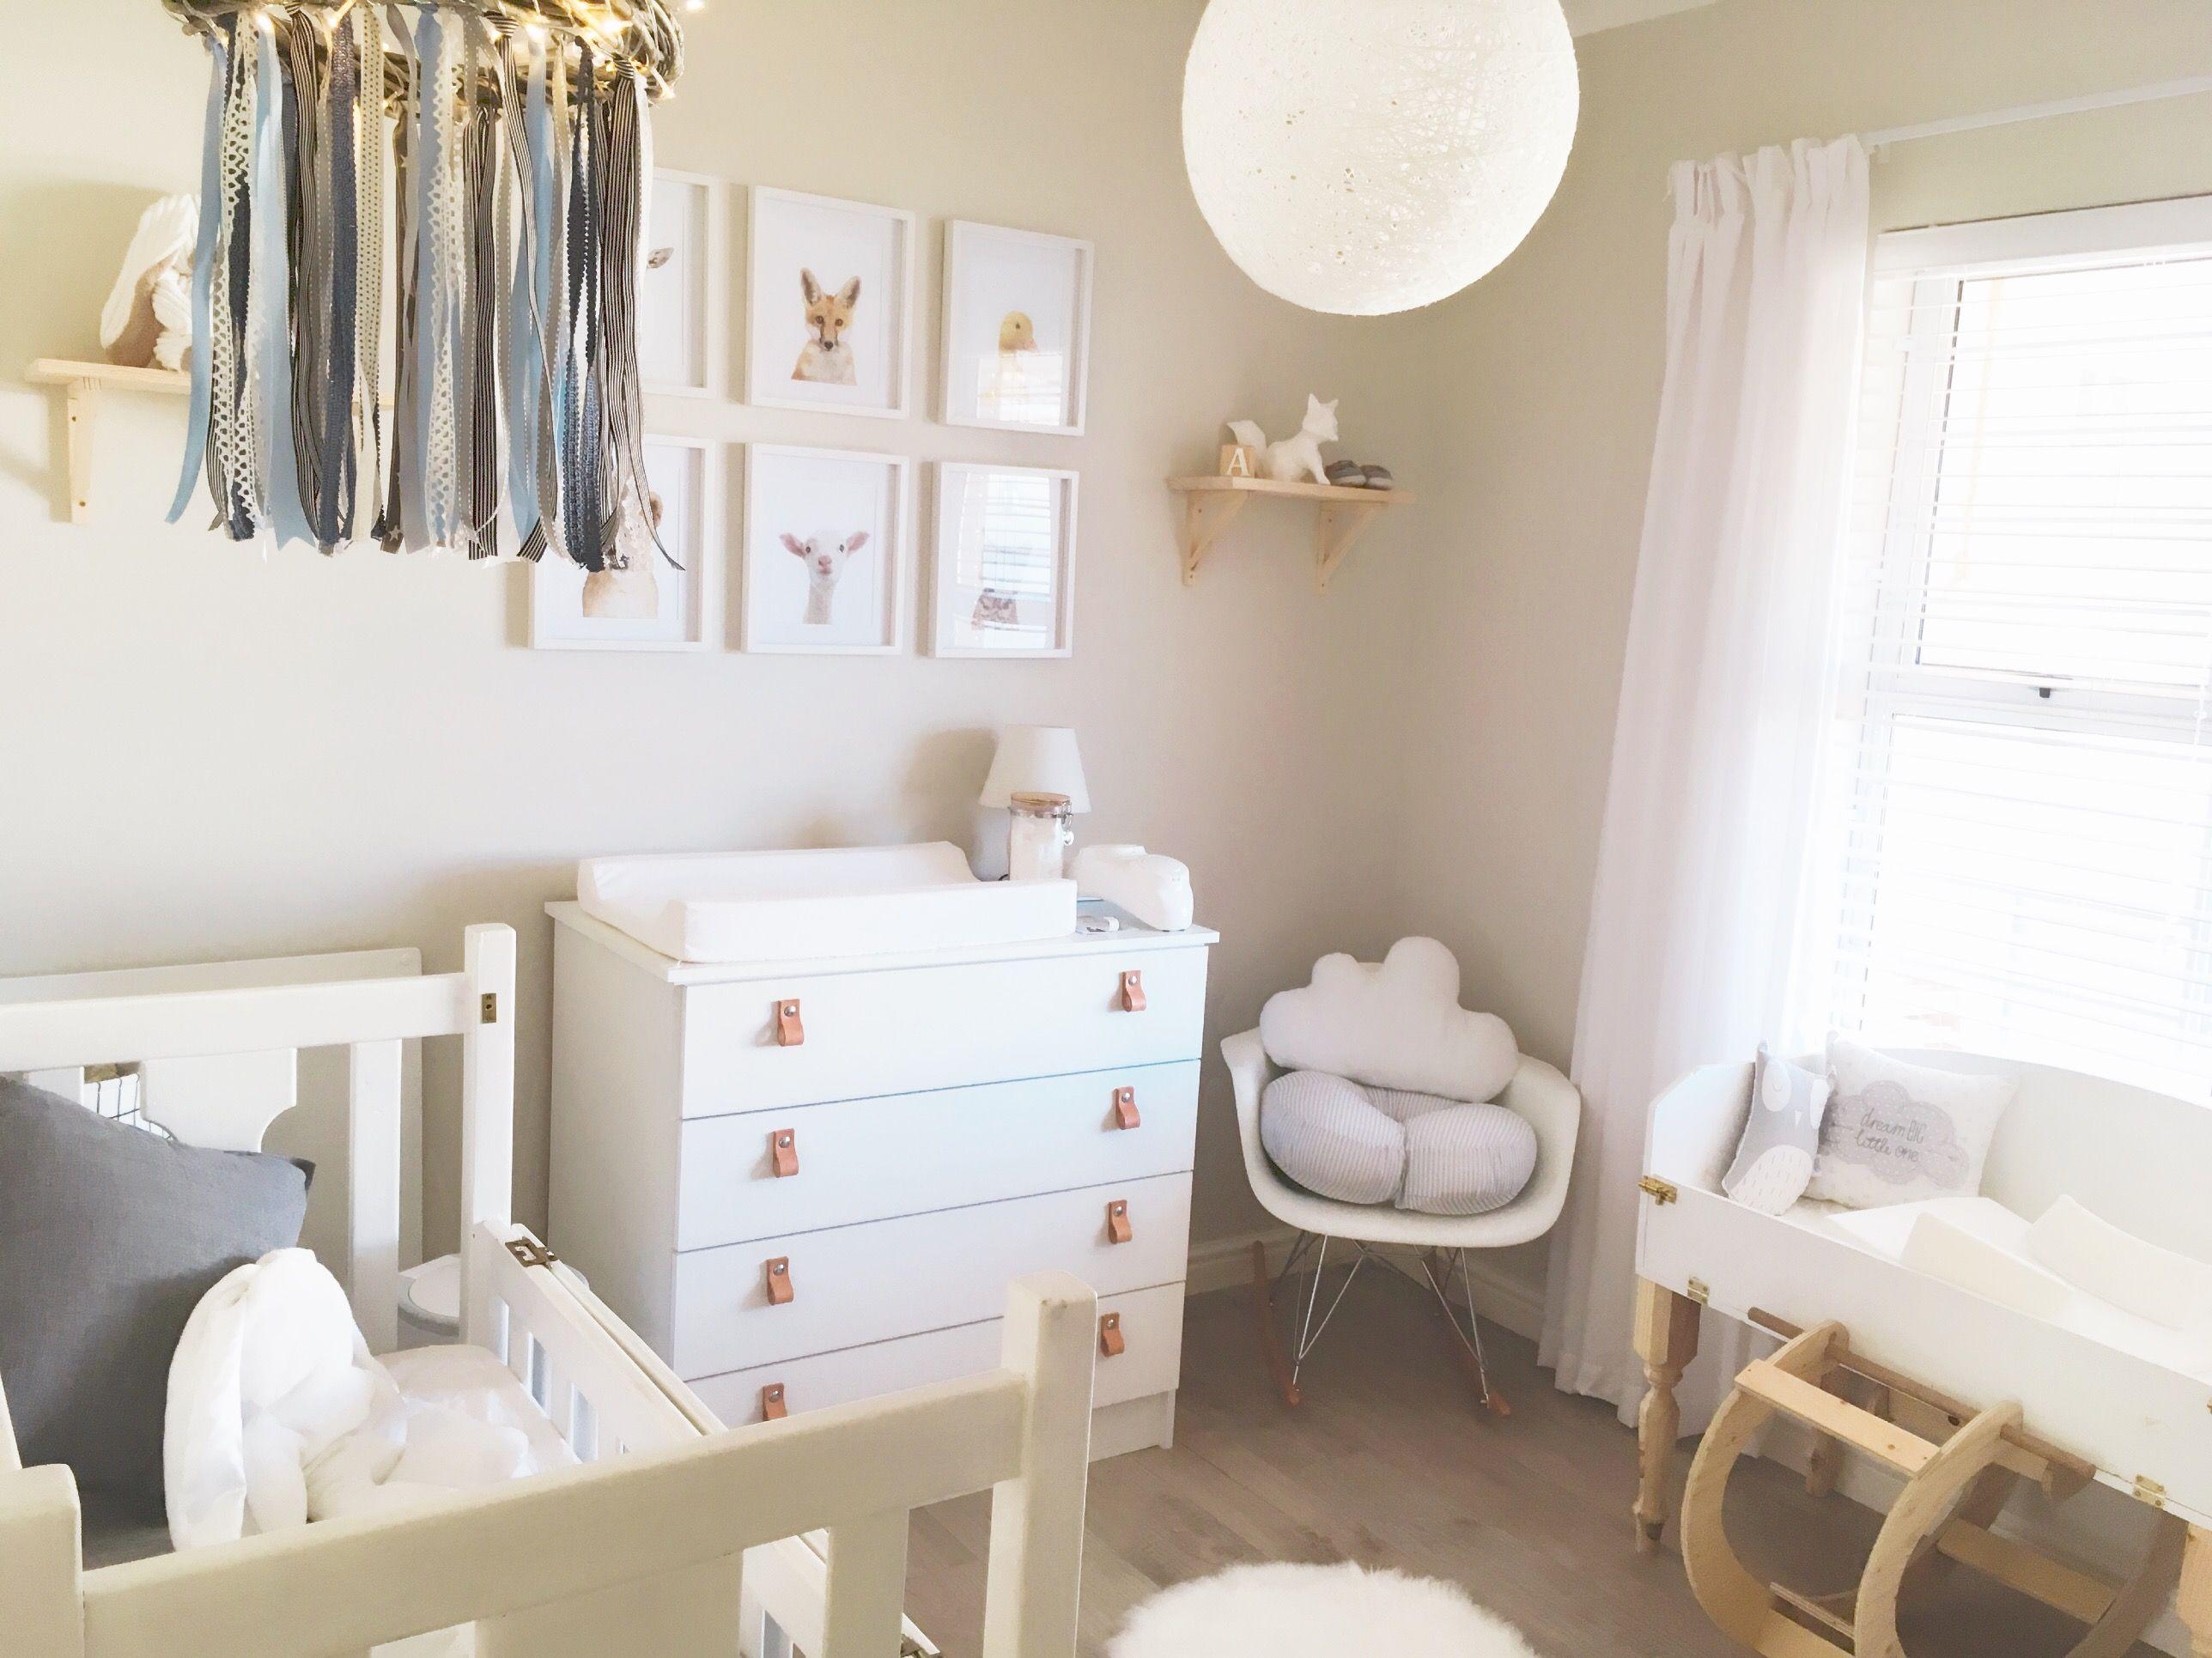 Whimsical Nursery Decor